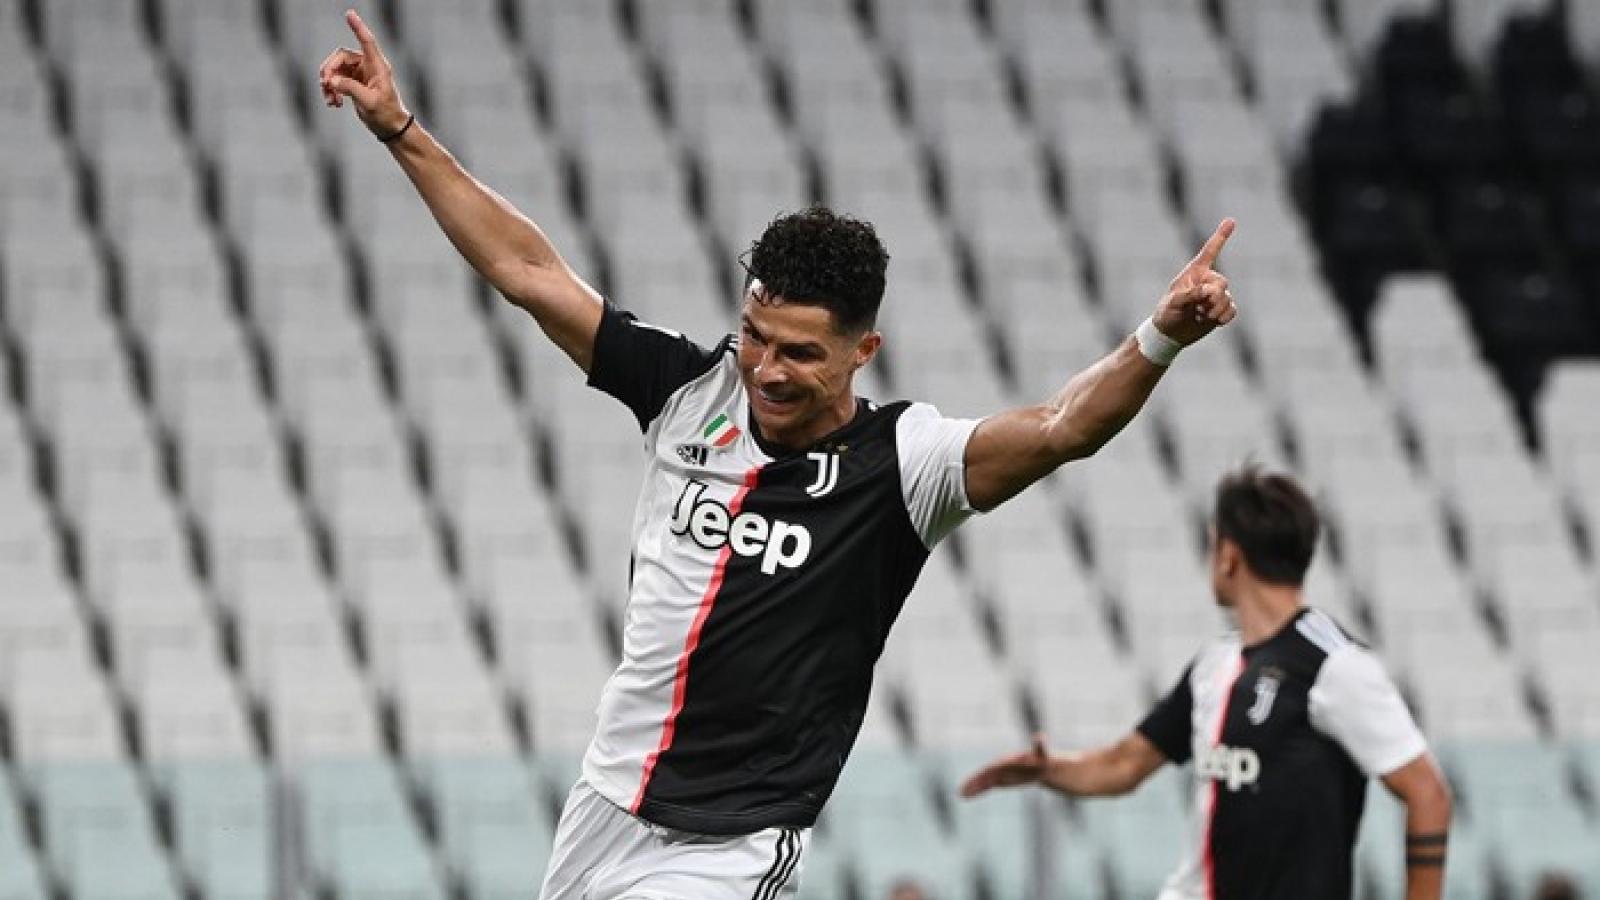 Ngày này năm xưa: Ronaldo lập kỷ lục khó tin ở 5 giải hàng đầu châu Âu